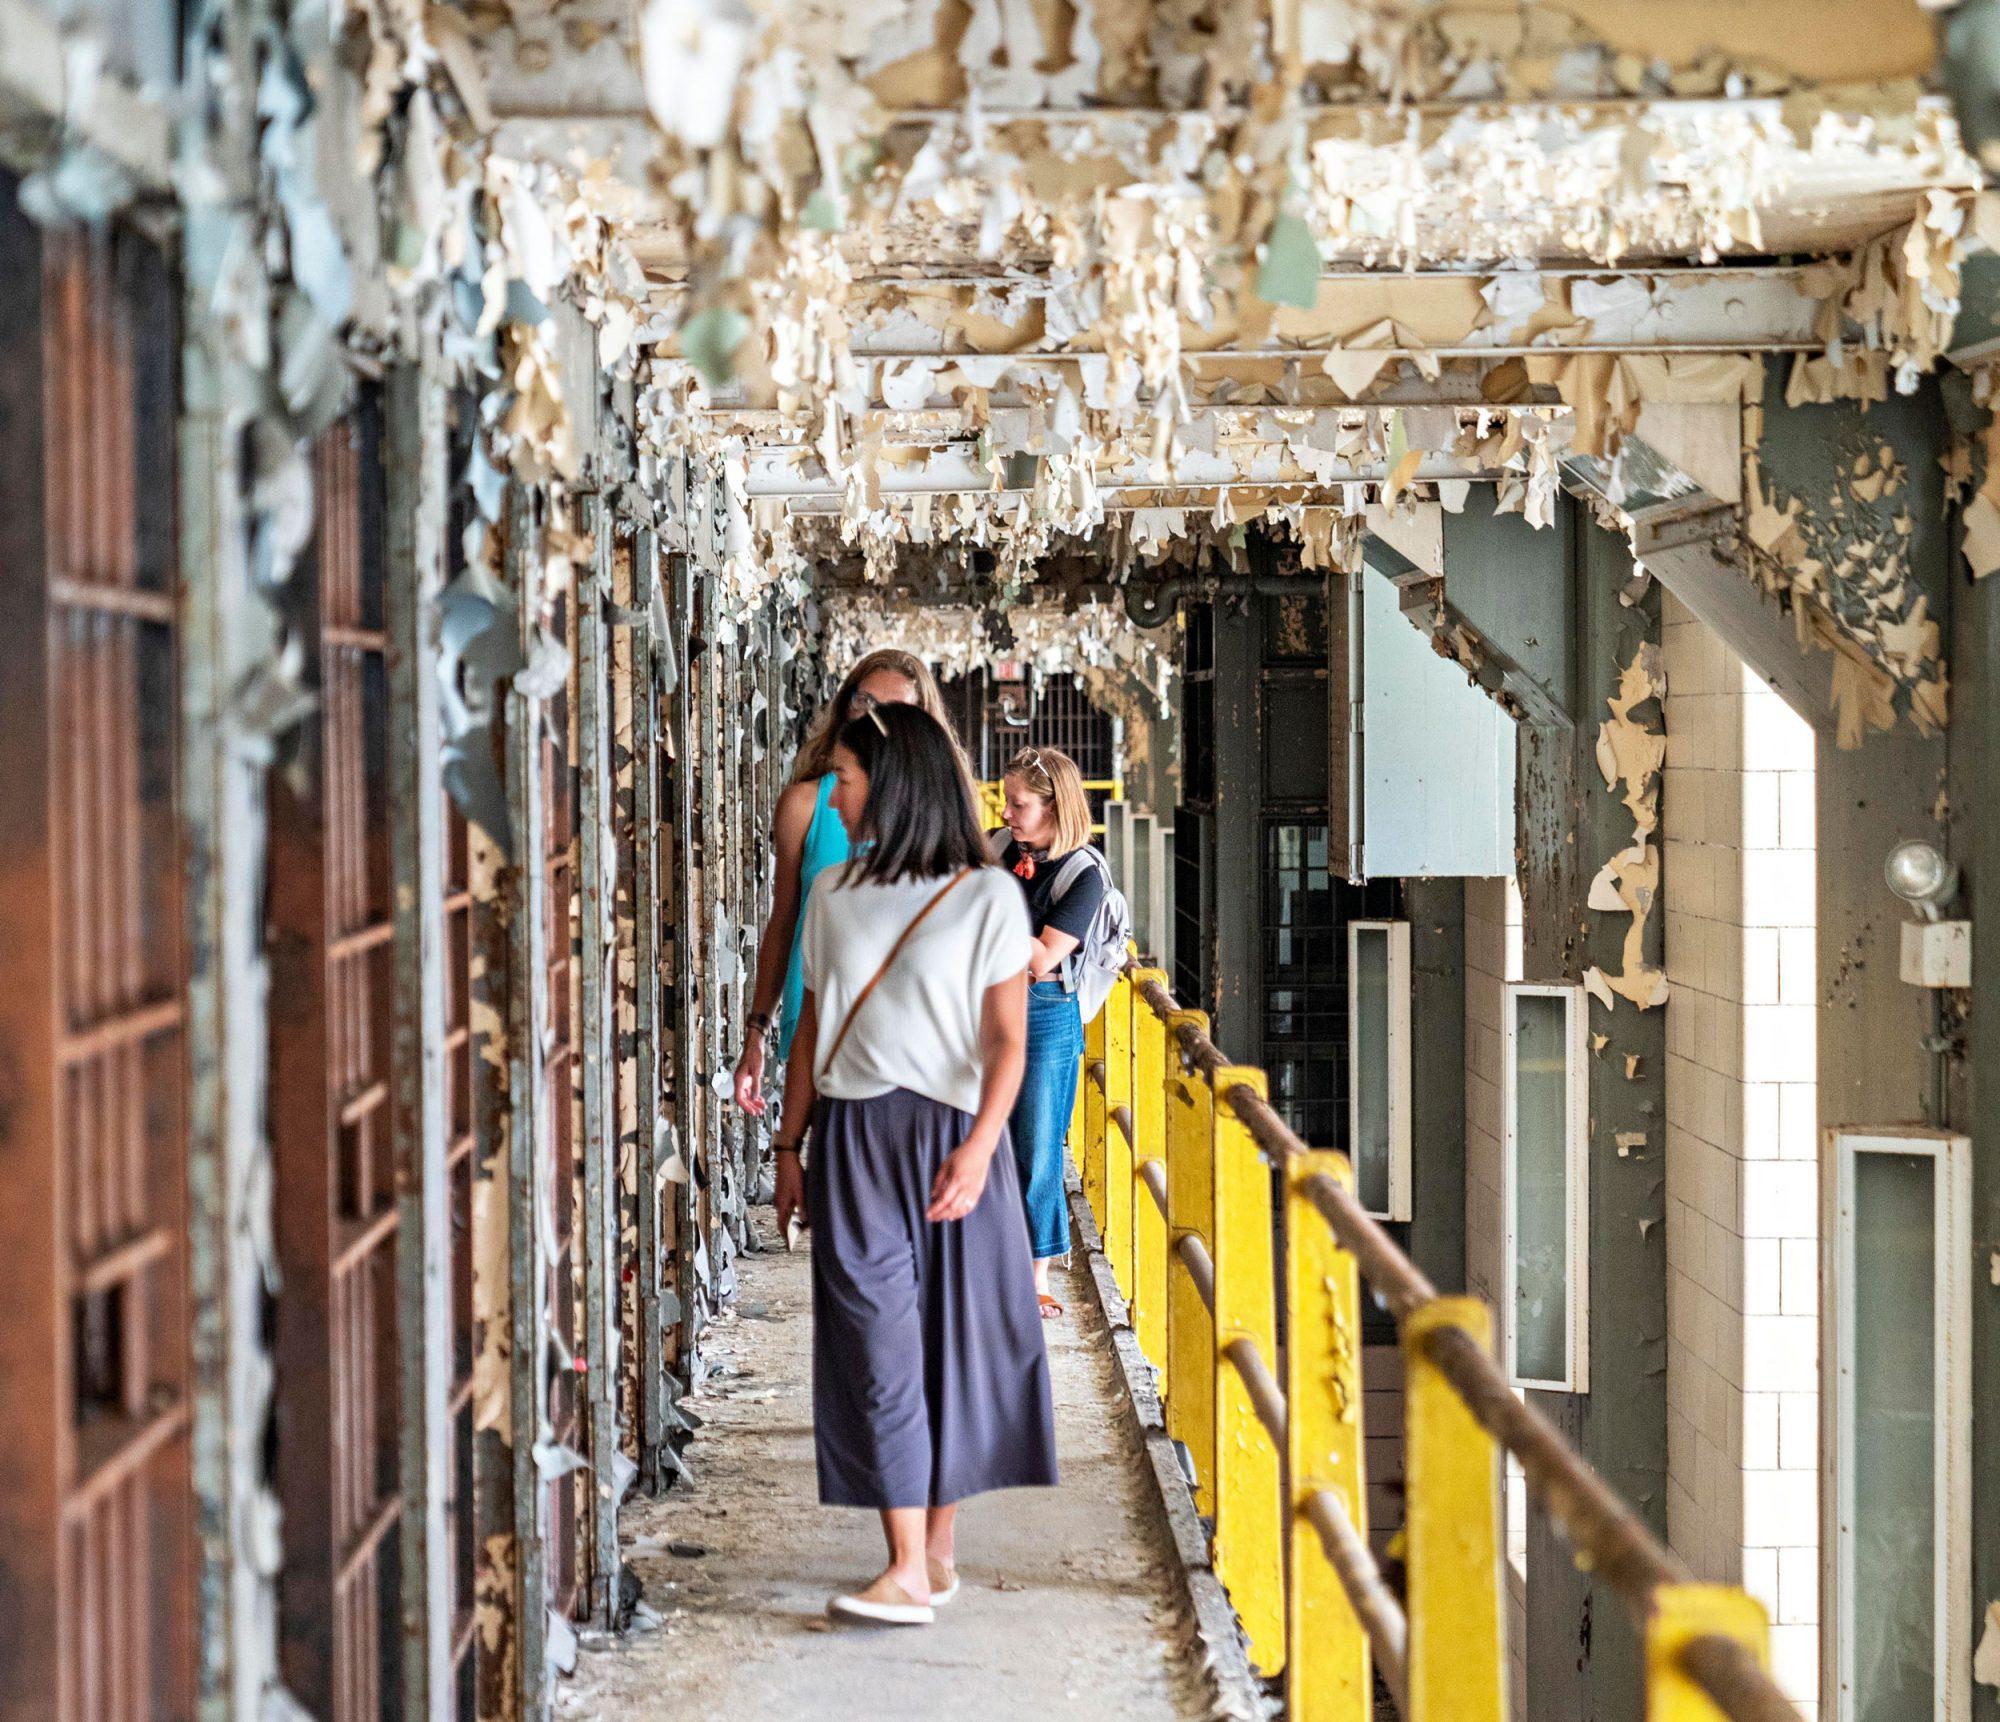 Old Joliet Prison, Joliet